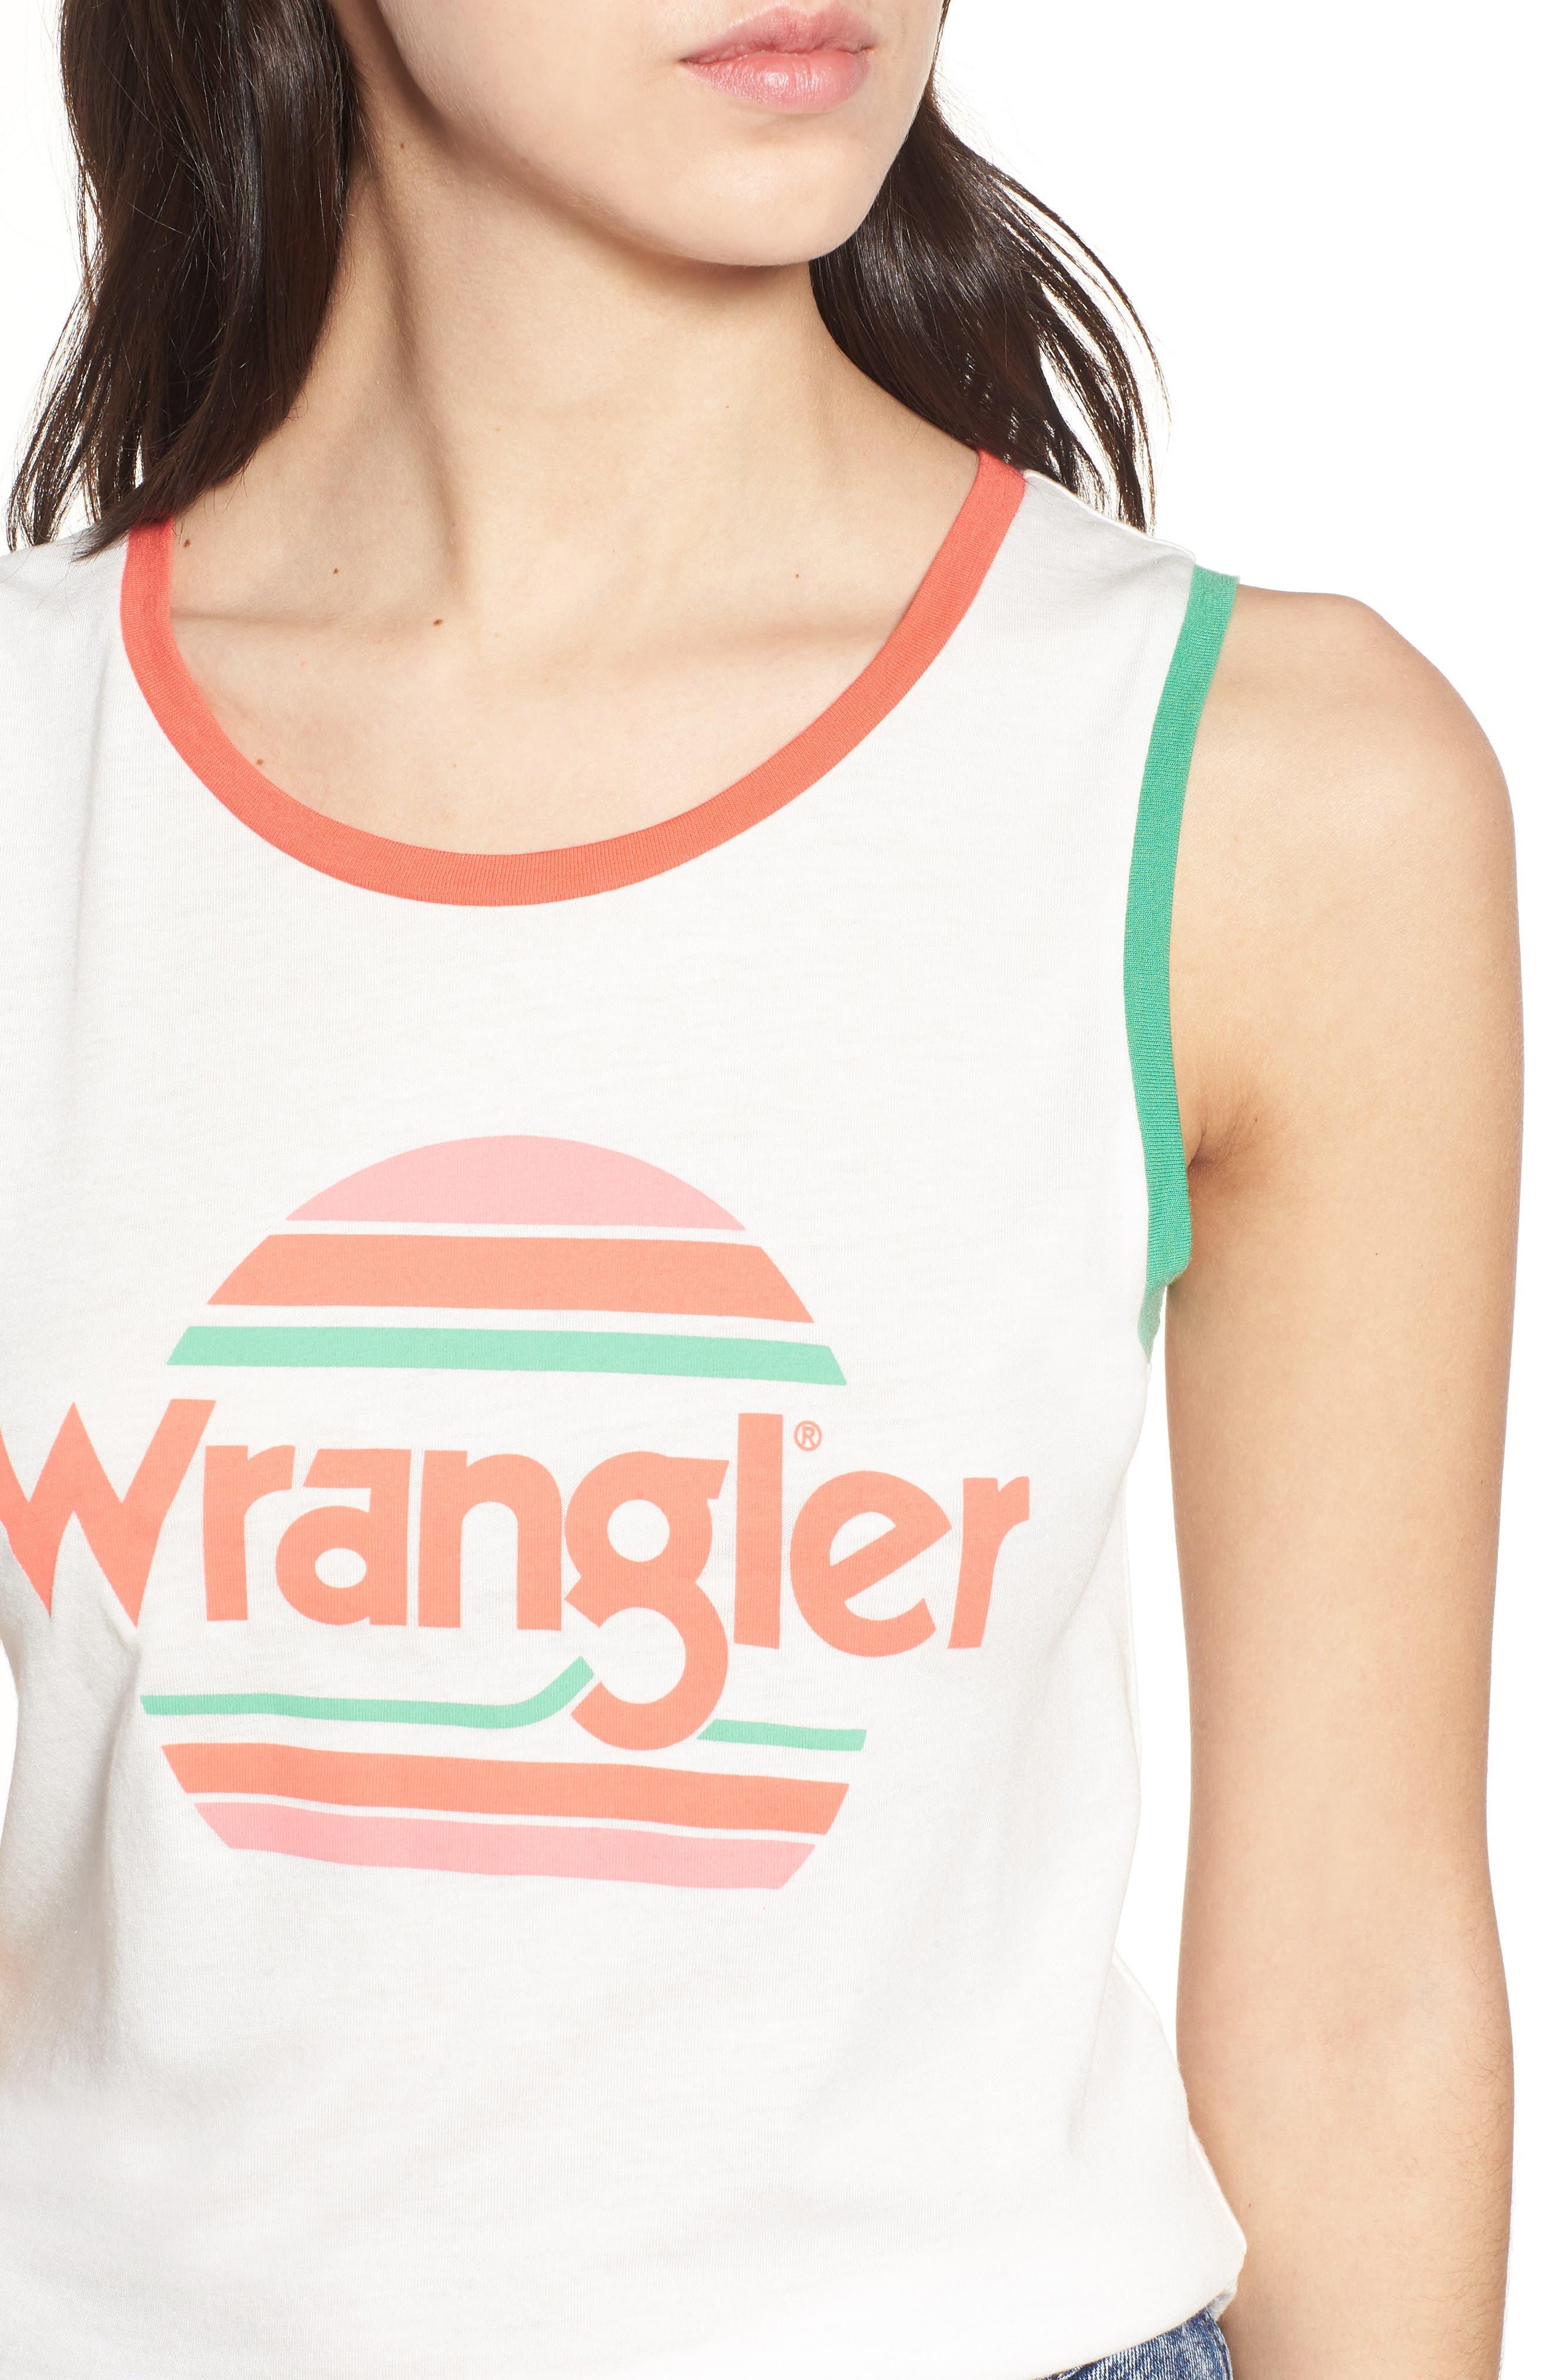 WRANGLER,                             Kabel Graphic Ringer Tank,                             Alternate thumbnail 4, color,                             900